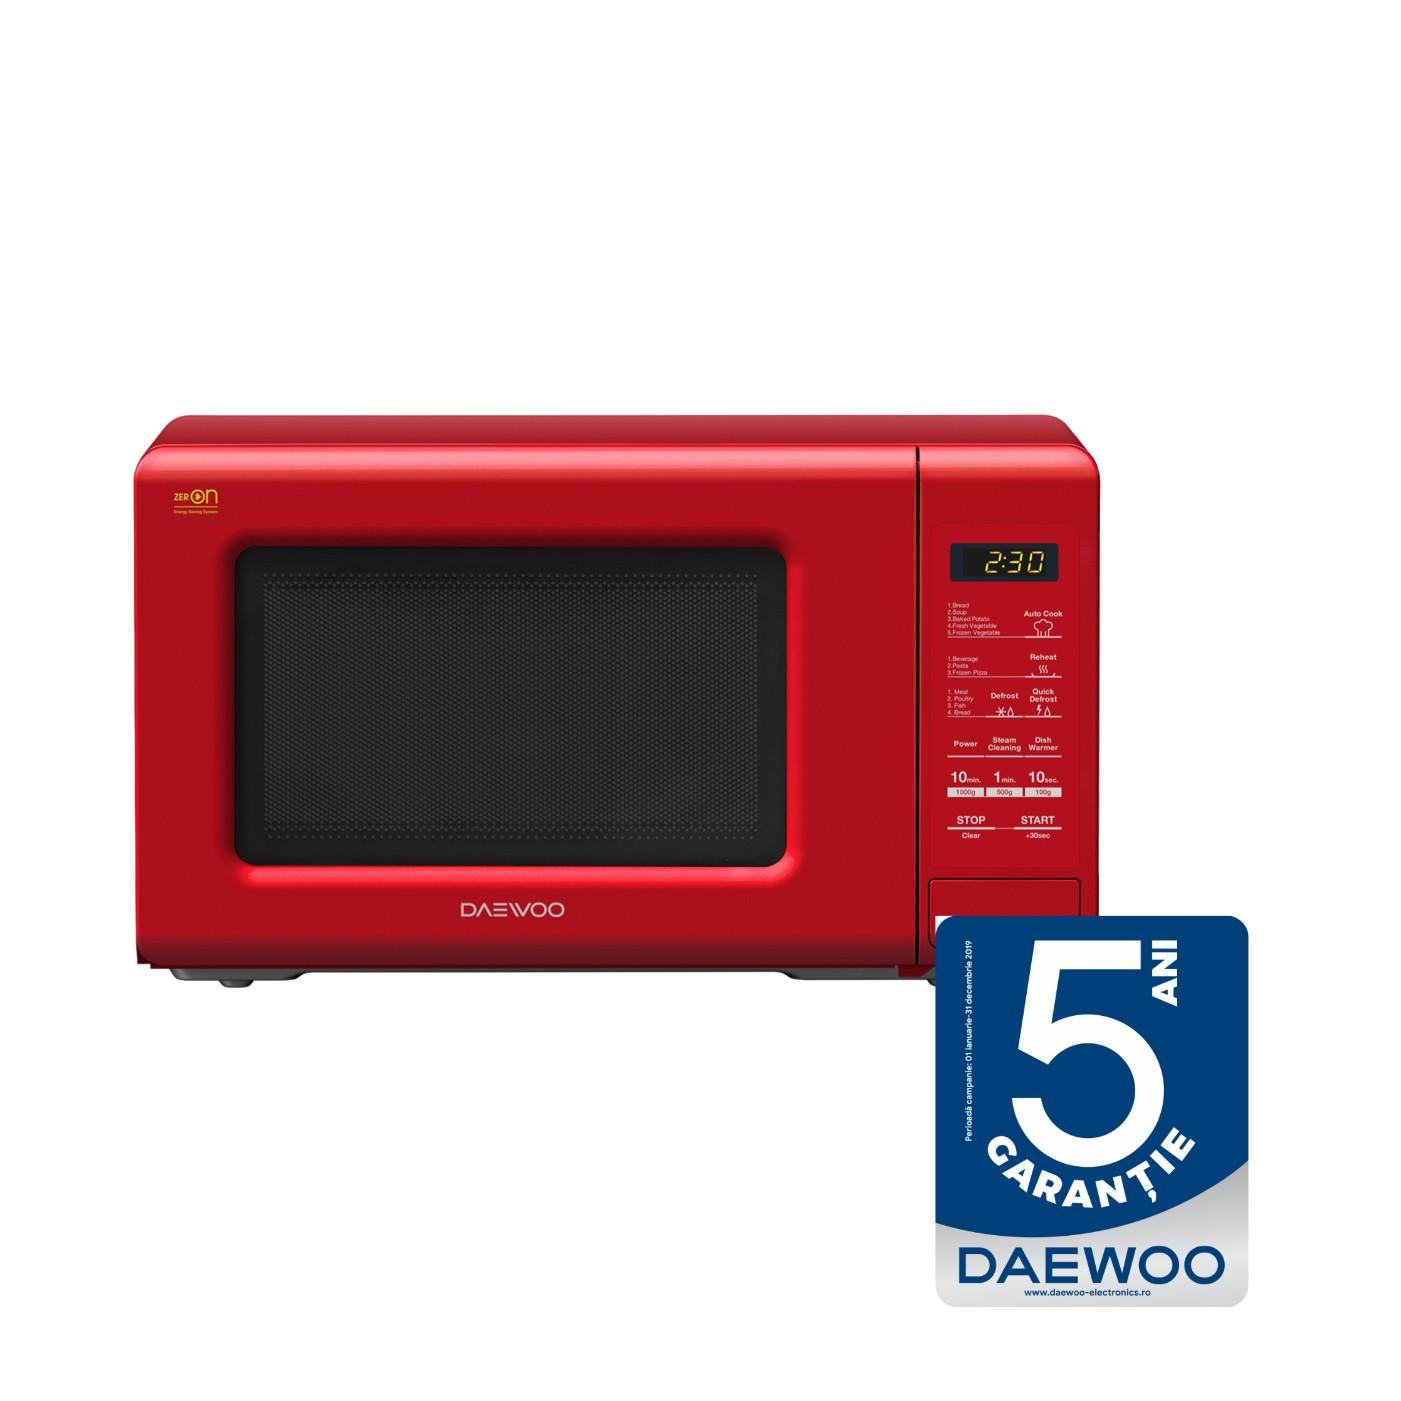 Cuptor cu microunde Daewoo KOR-6S2BR, 20 l, 800 W, 10 nivele de putere, control electronic, rosu